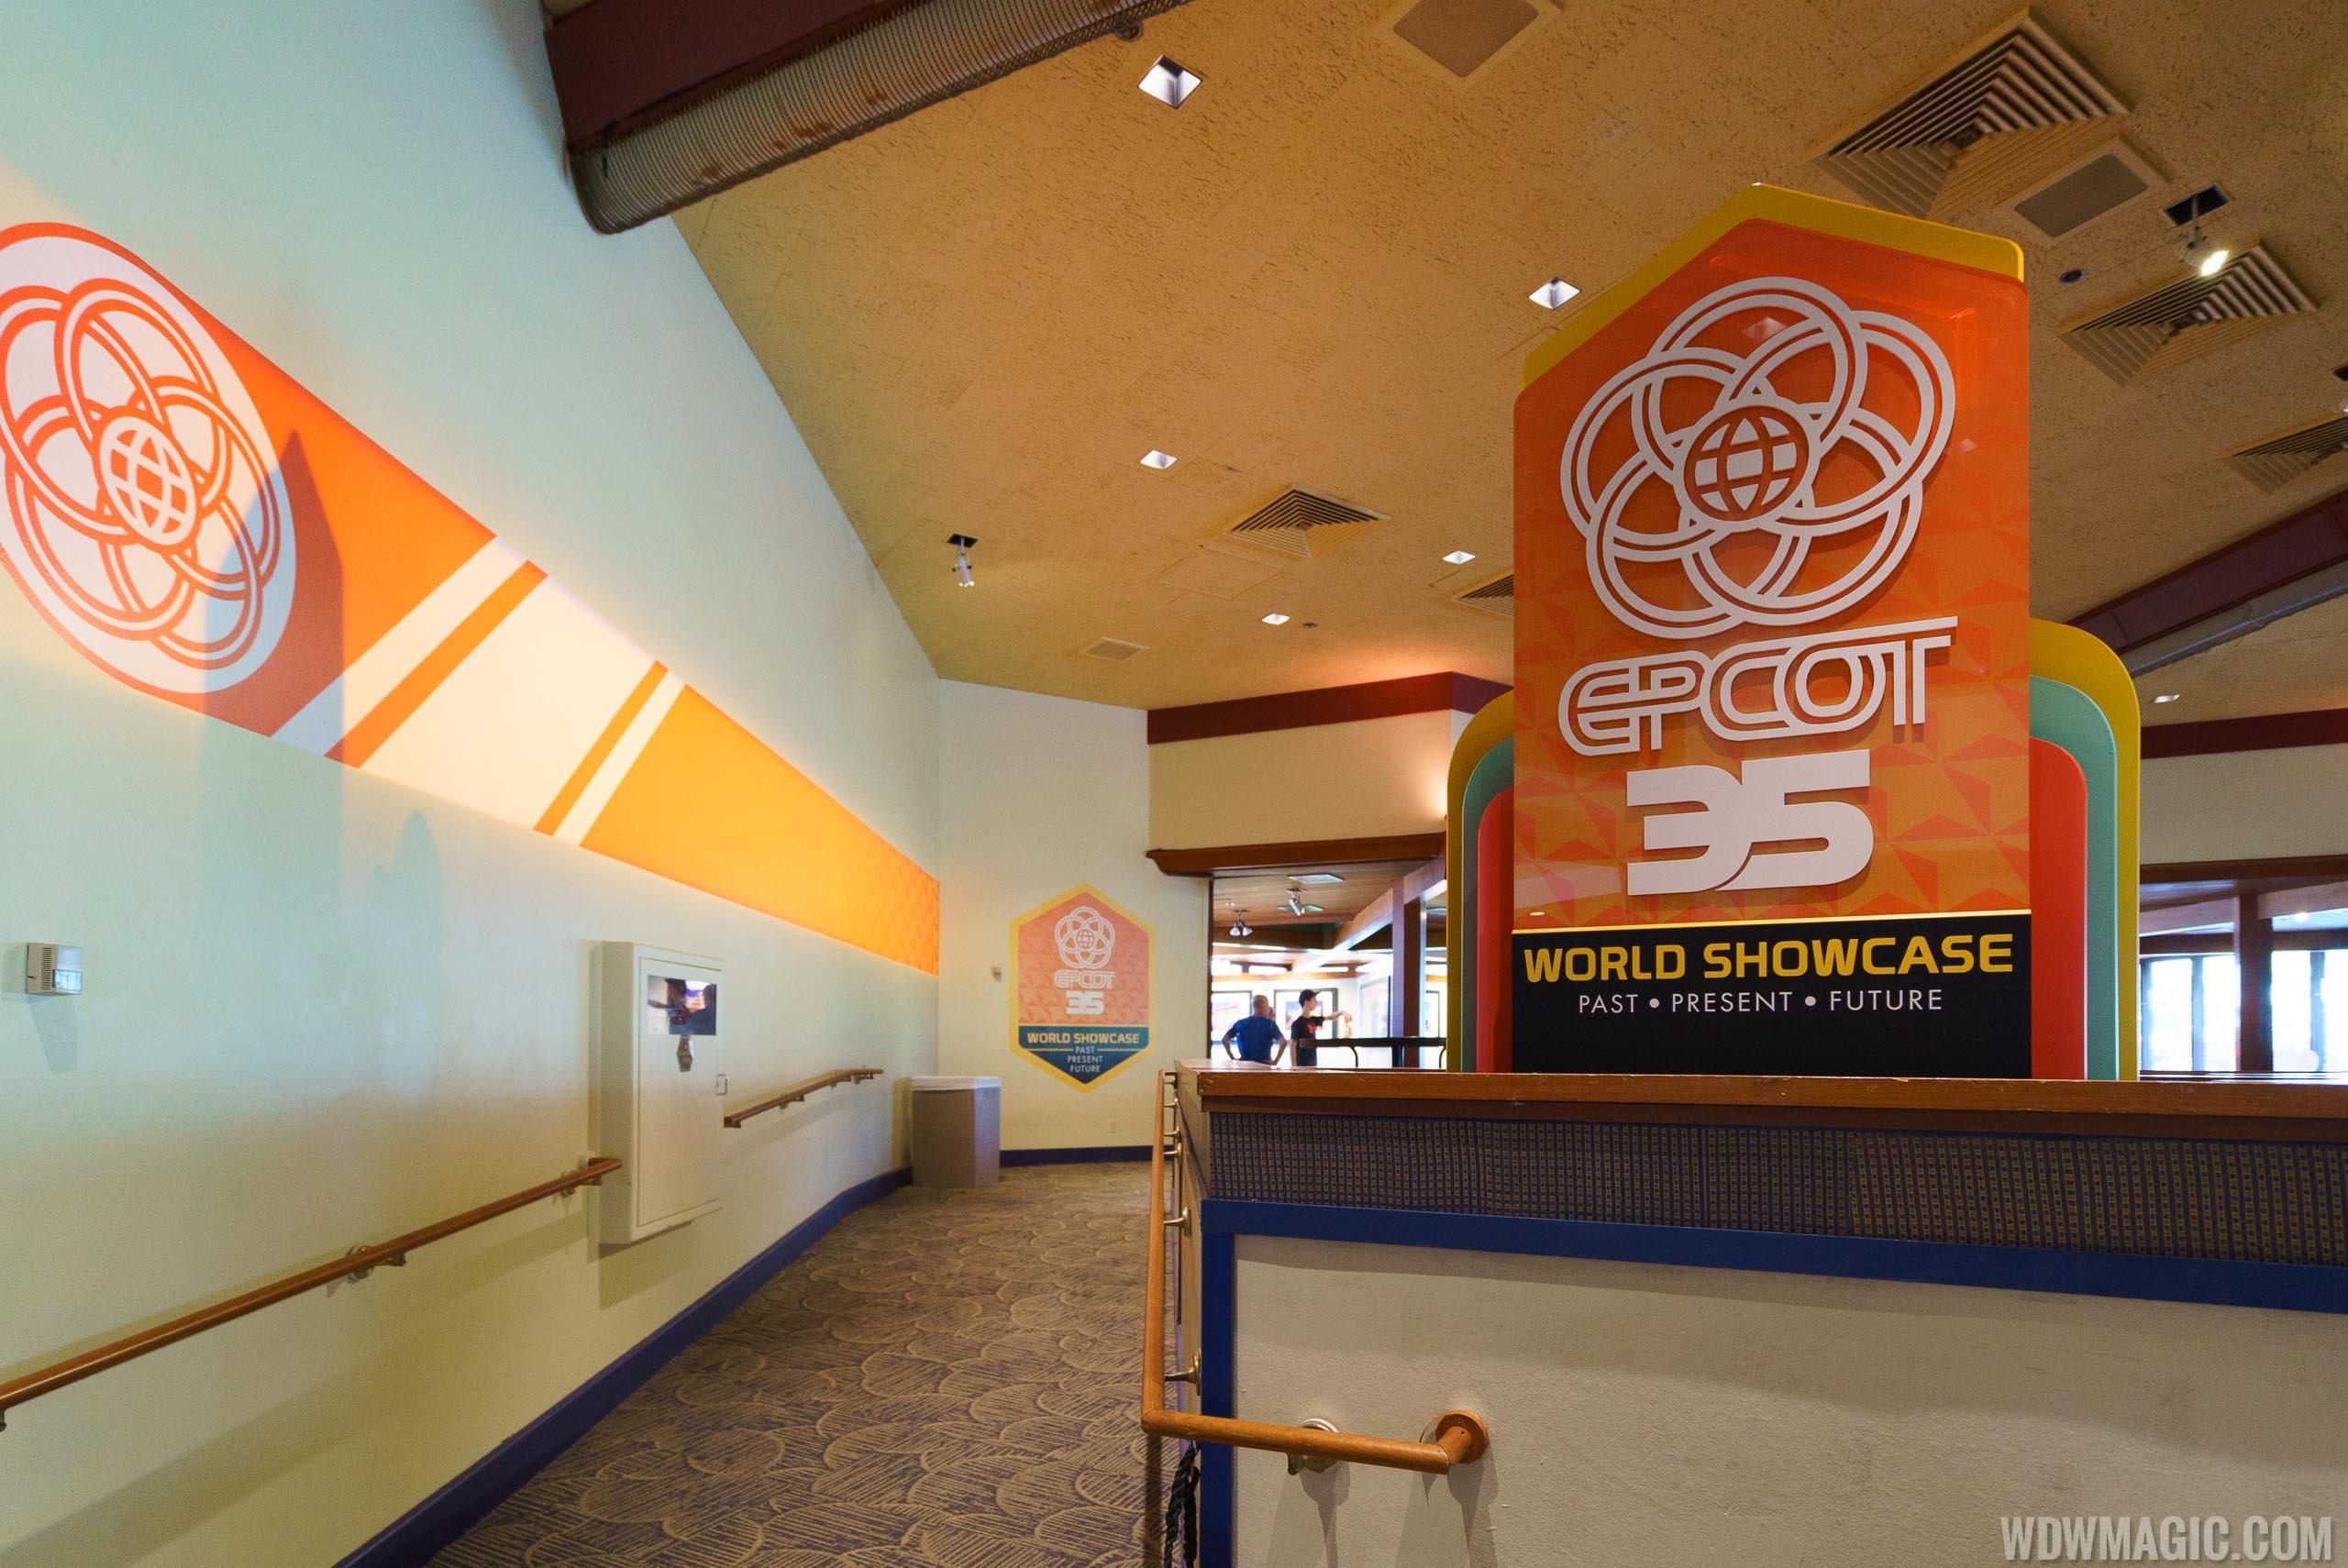 Epcot Legacy Showplace